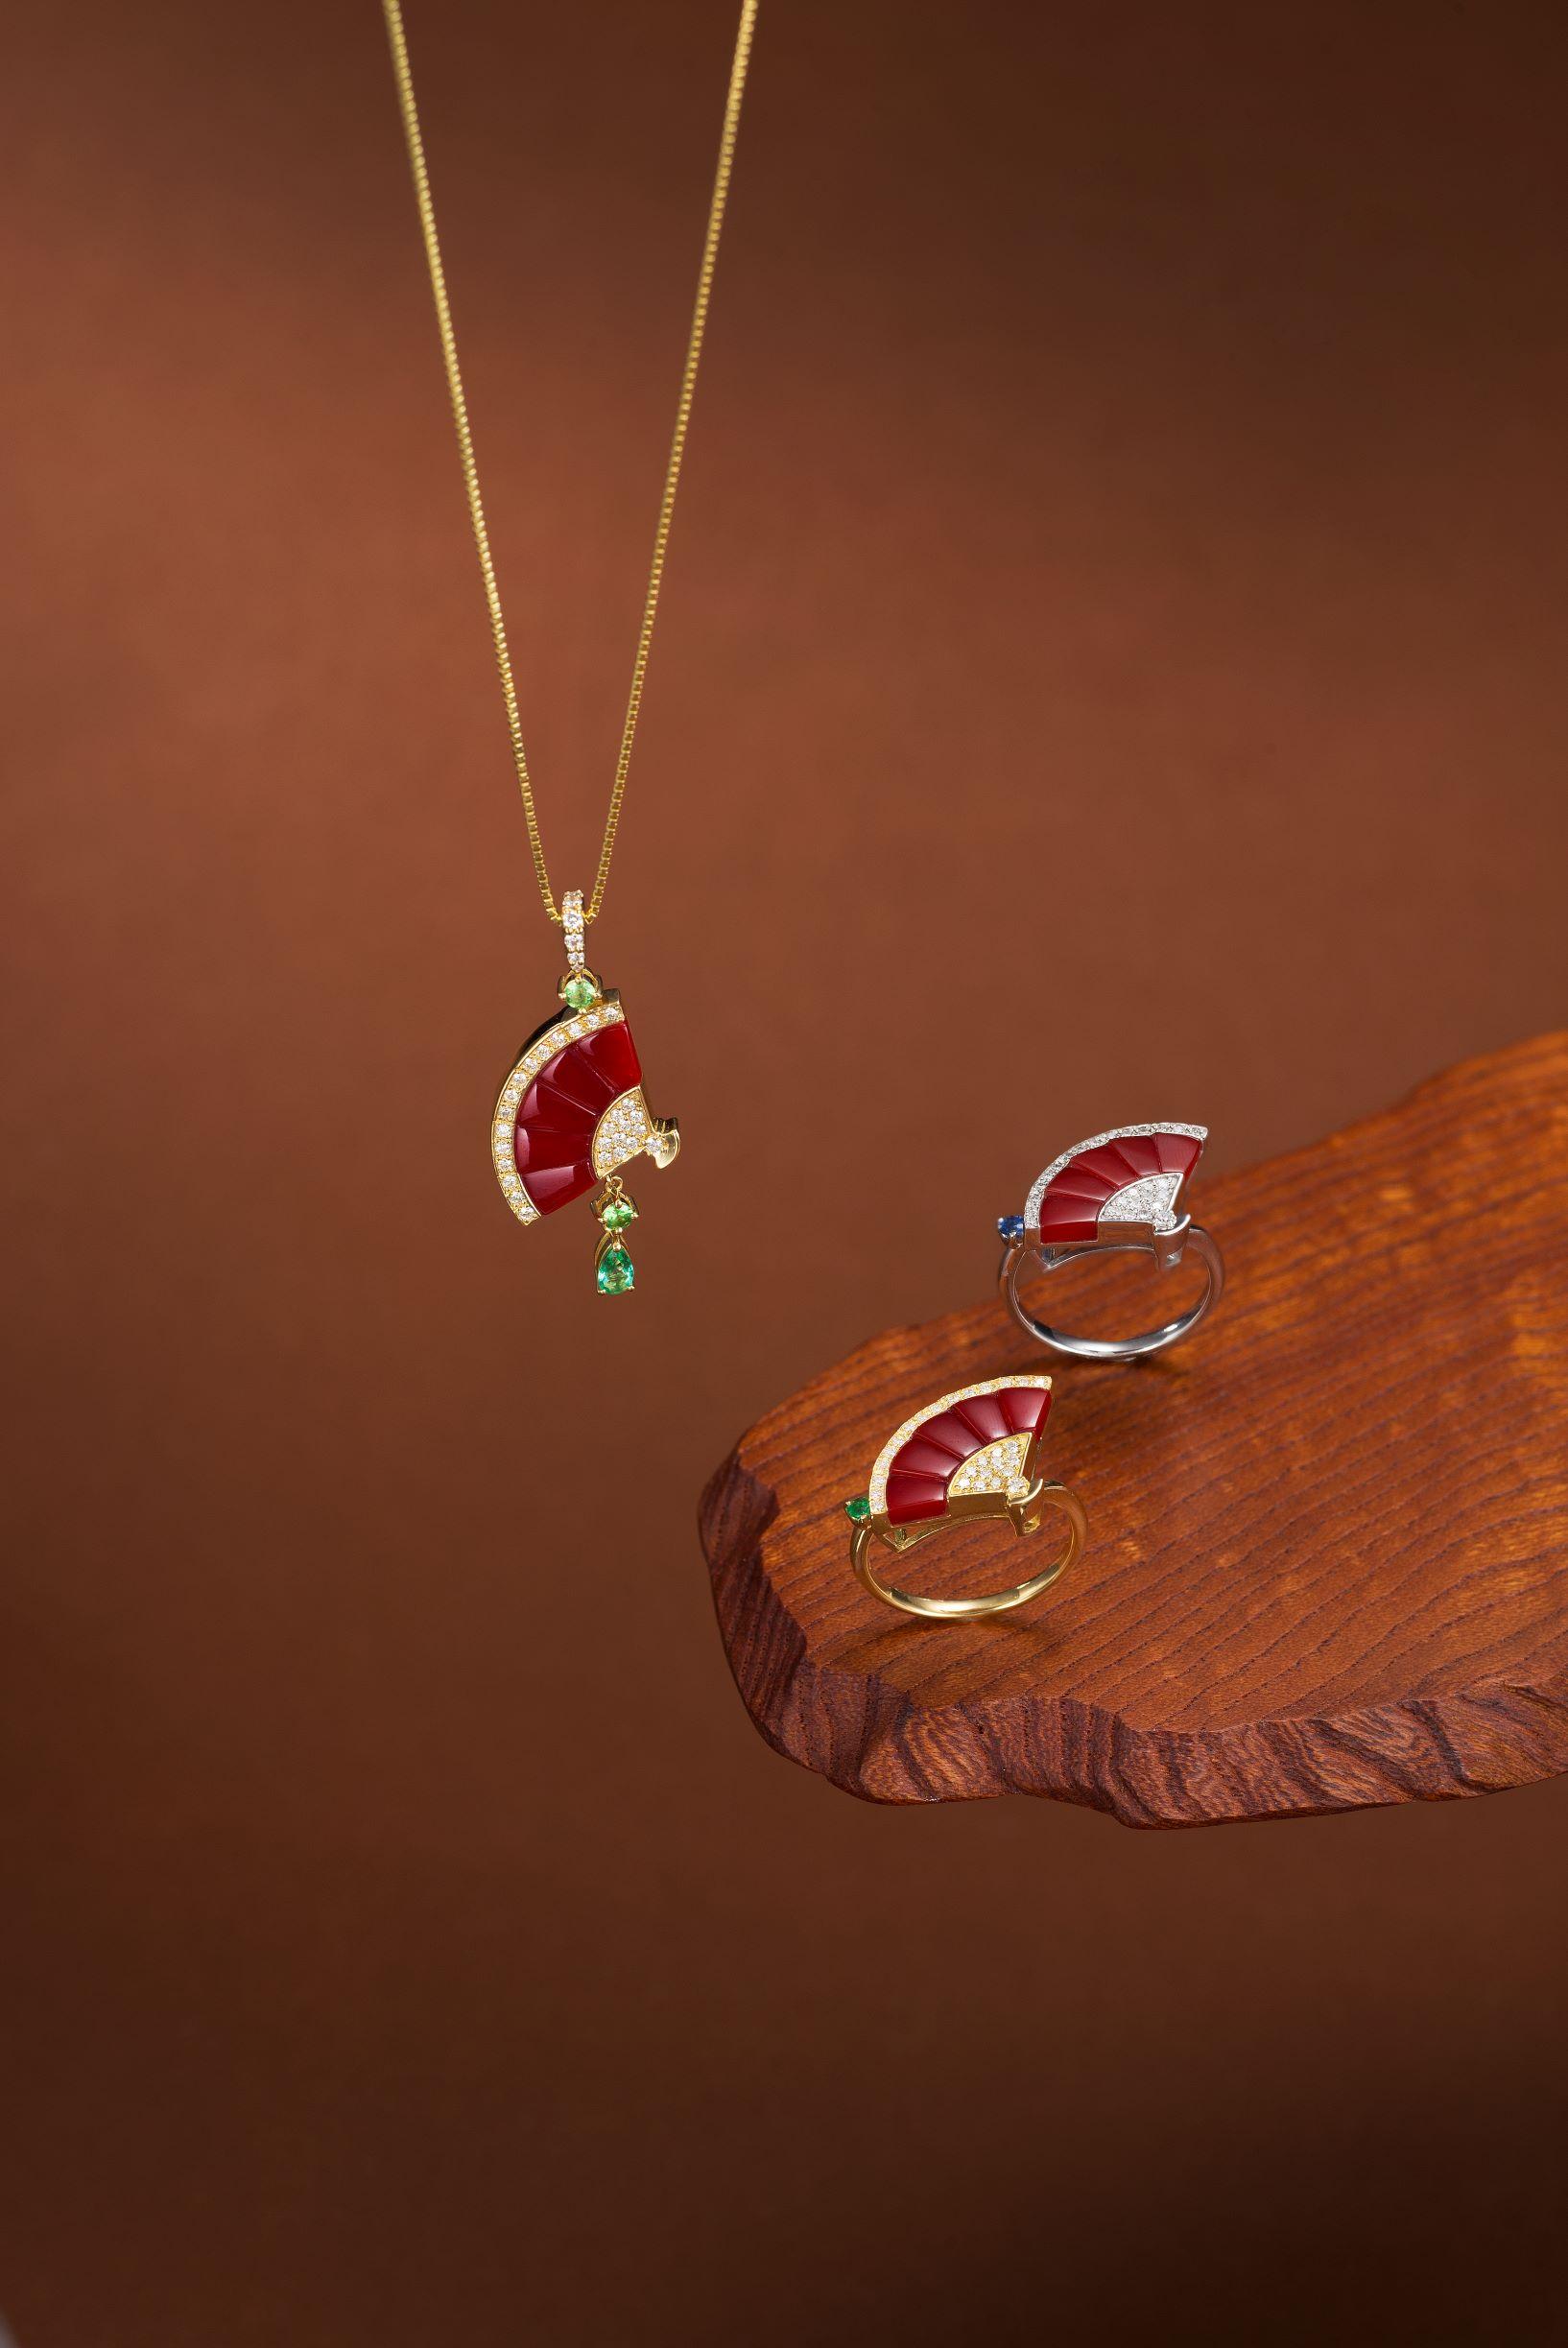 赤サンゴペンダント(K18・エメラルド・グリーンガーネット・ダイヤ)赤珊瑚リング(K18・エメラルド・ダイヤ) ②